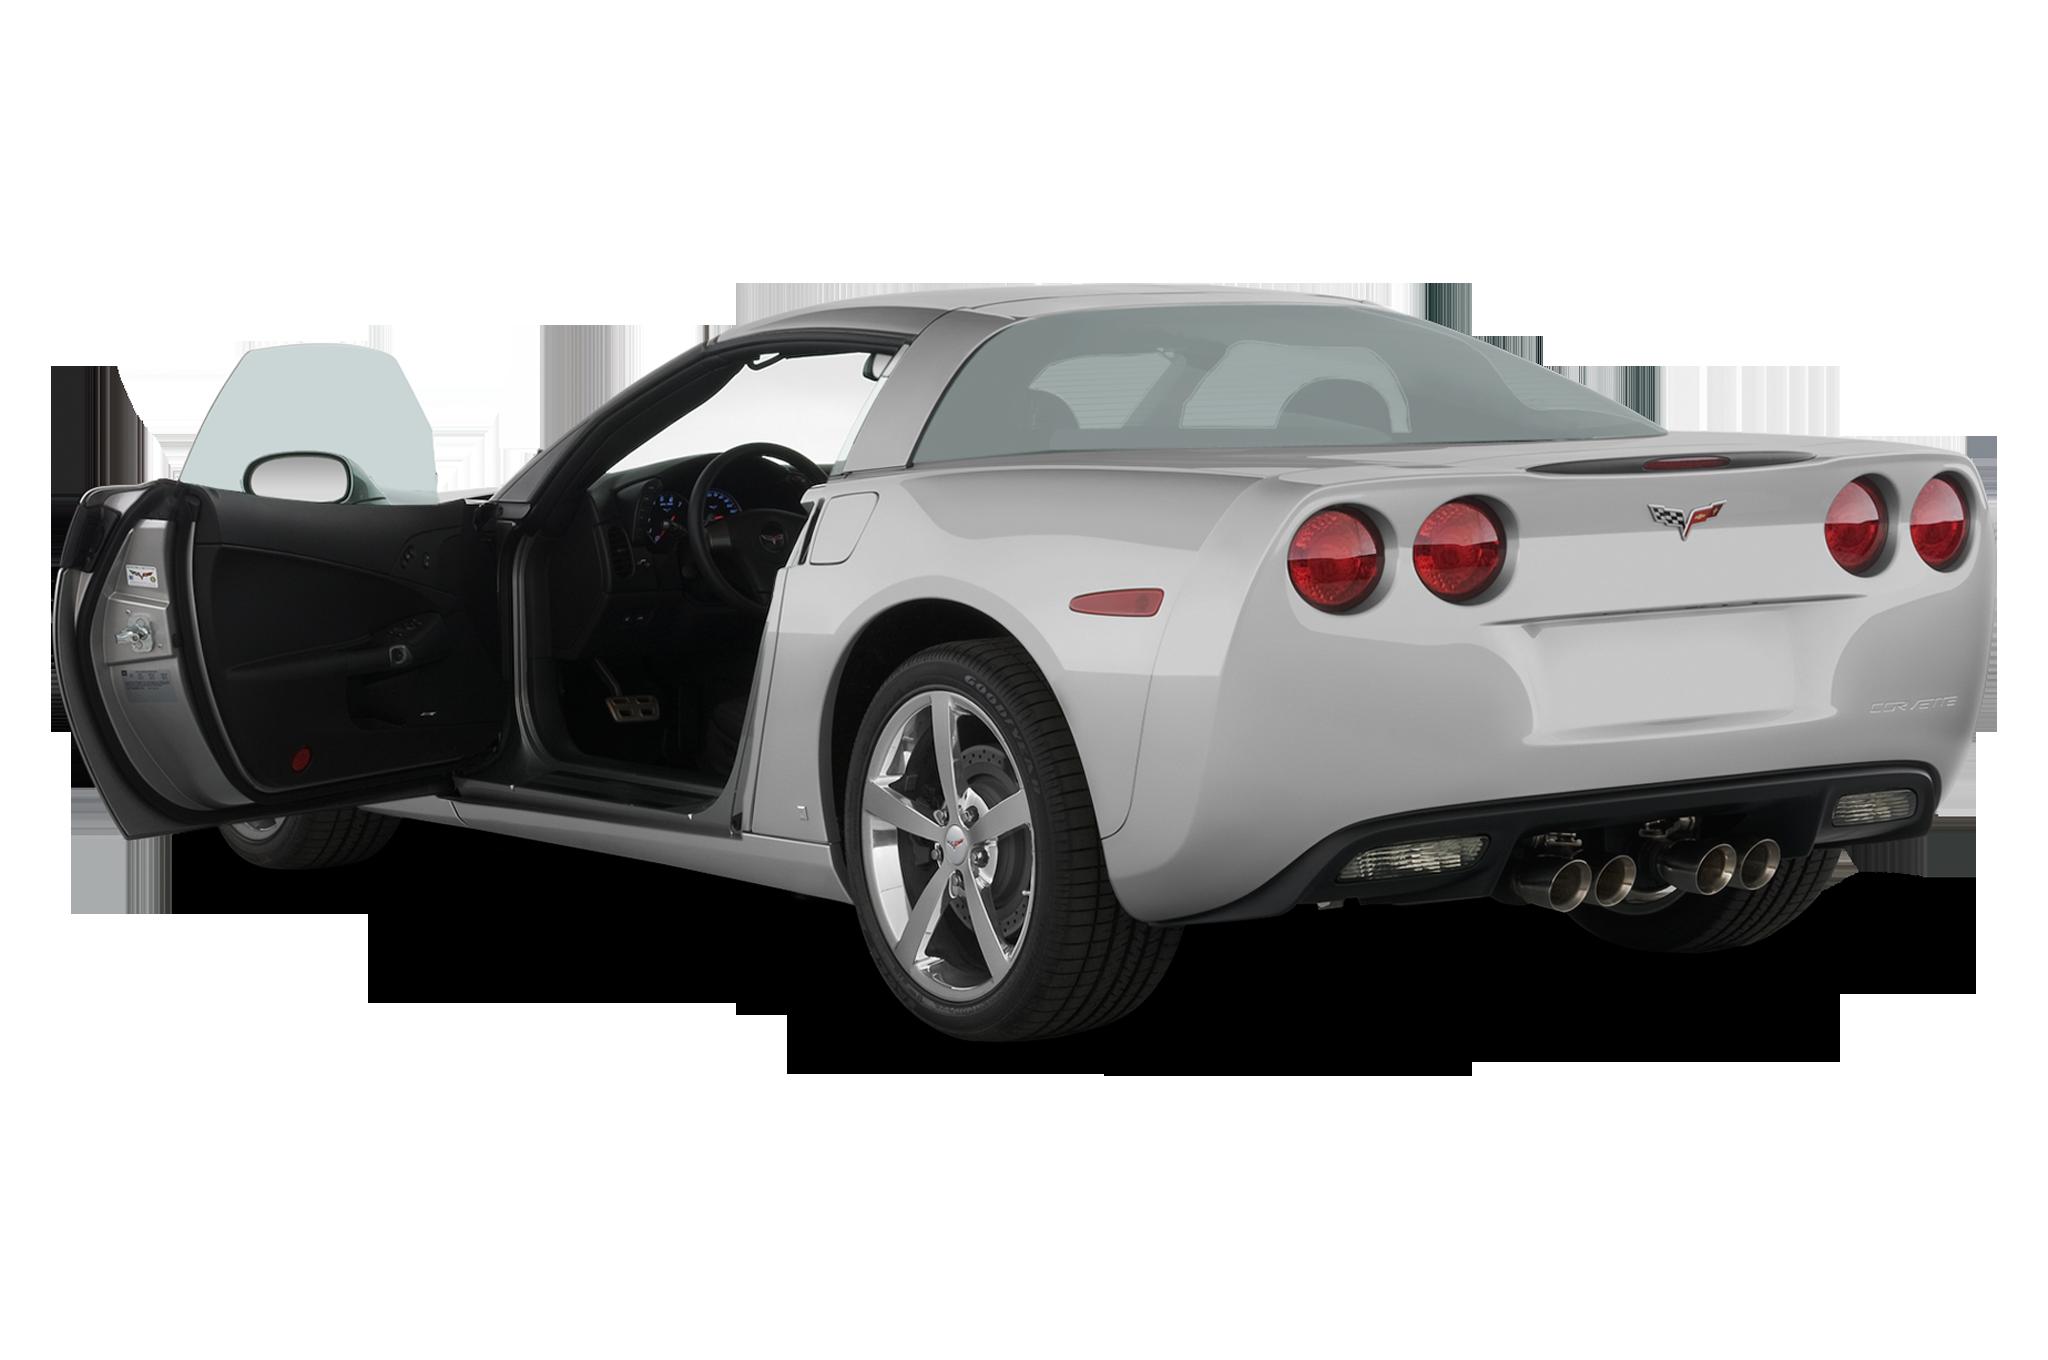 2010 chevrolet corvette grand sport chevy sport coupe review rh automobilemag com Club Car Engine Diagram Club Car Engine Diagram